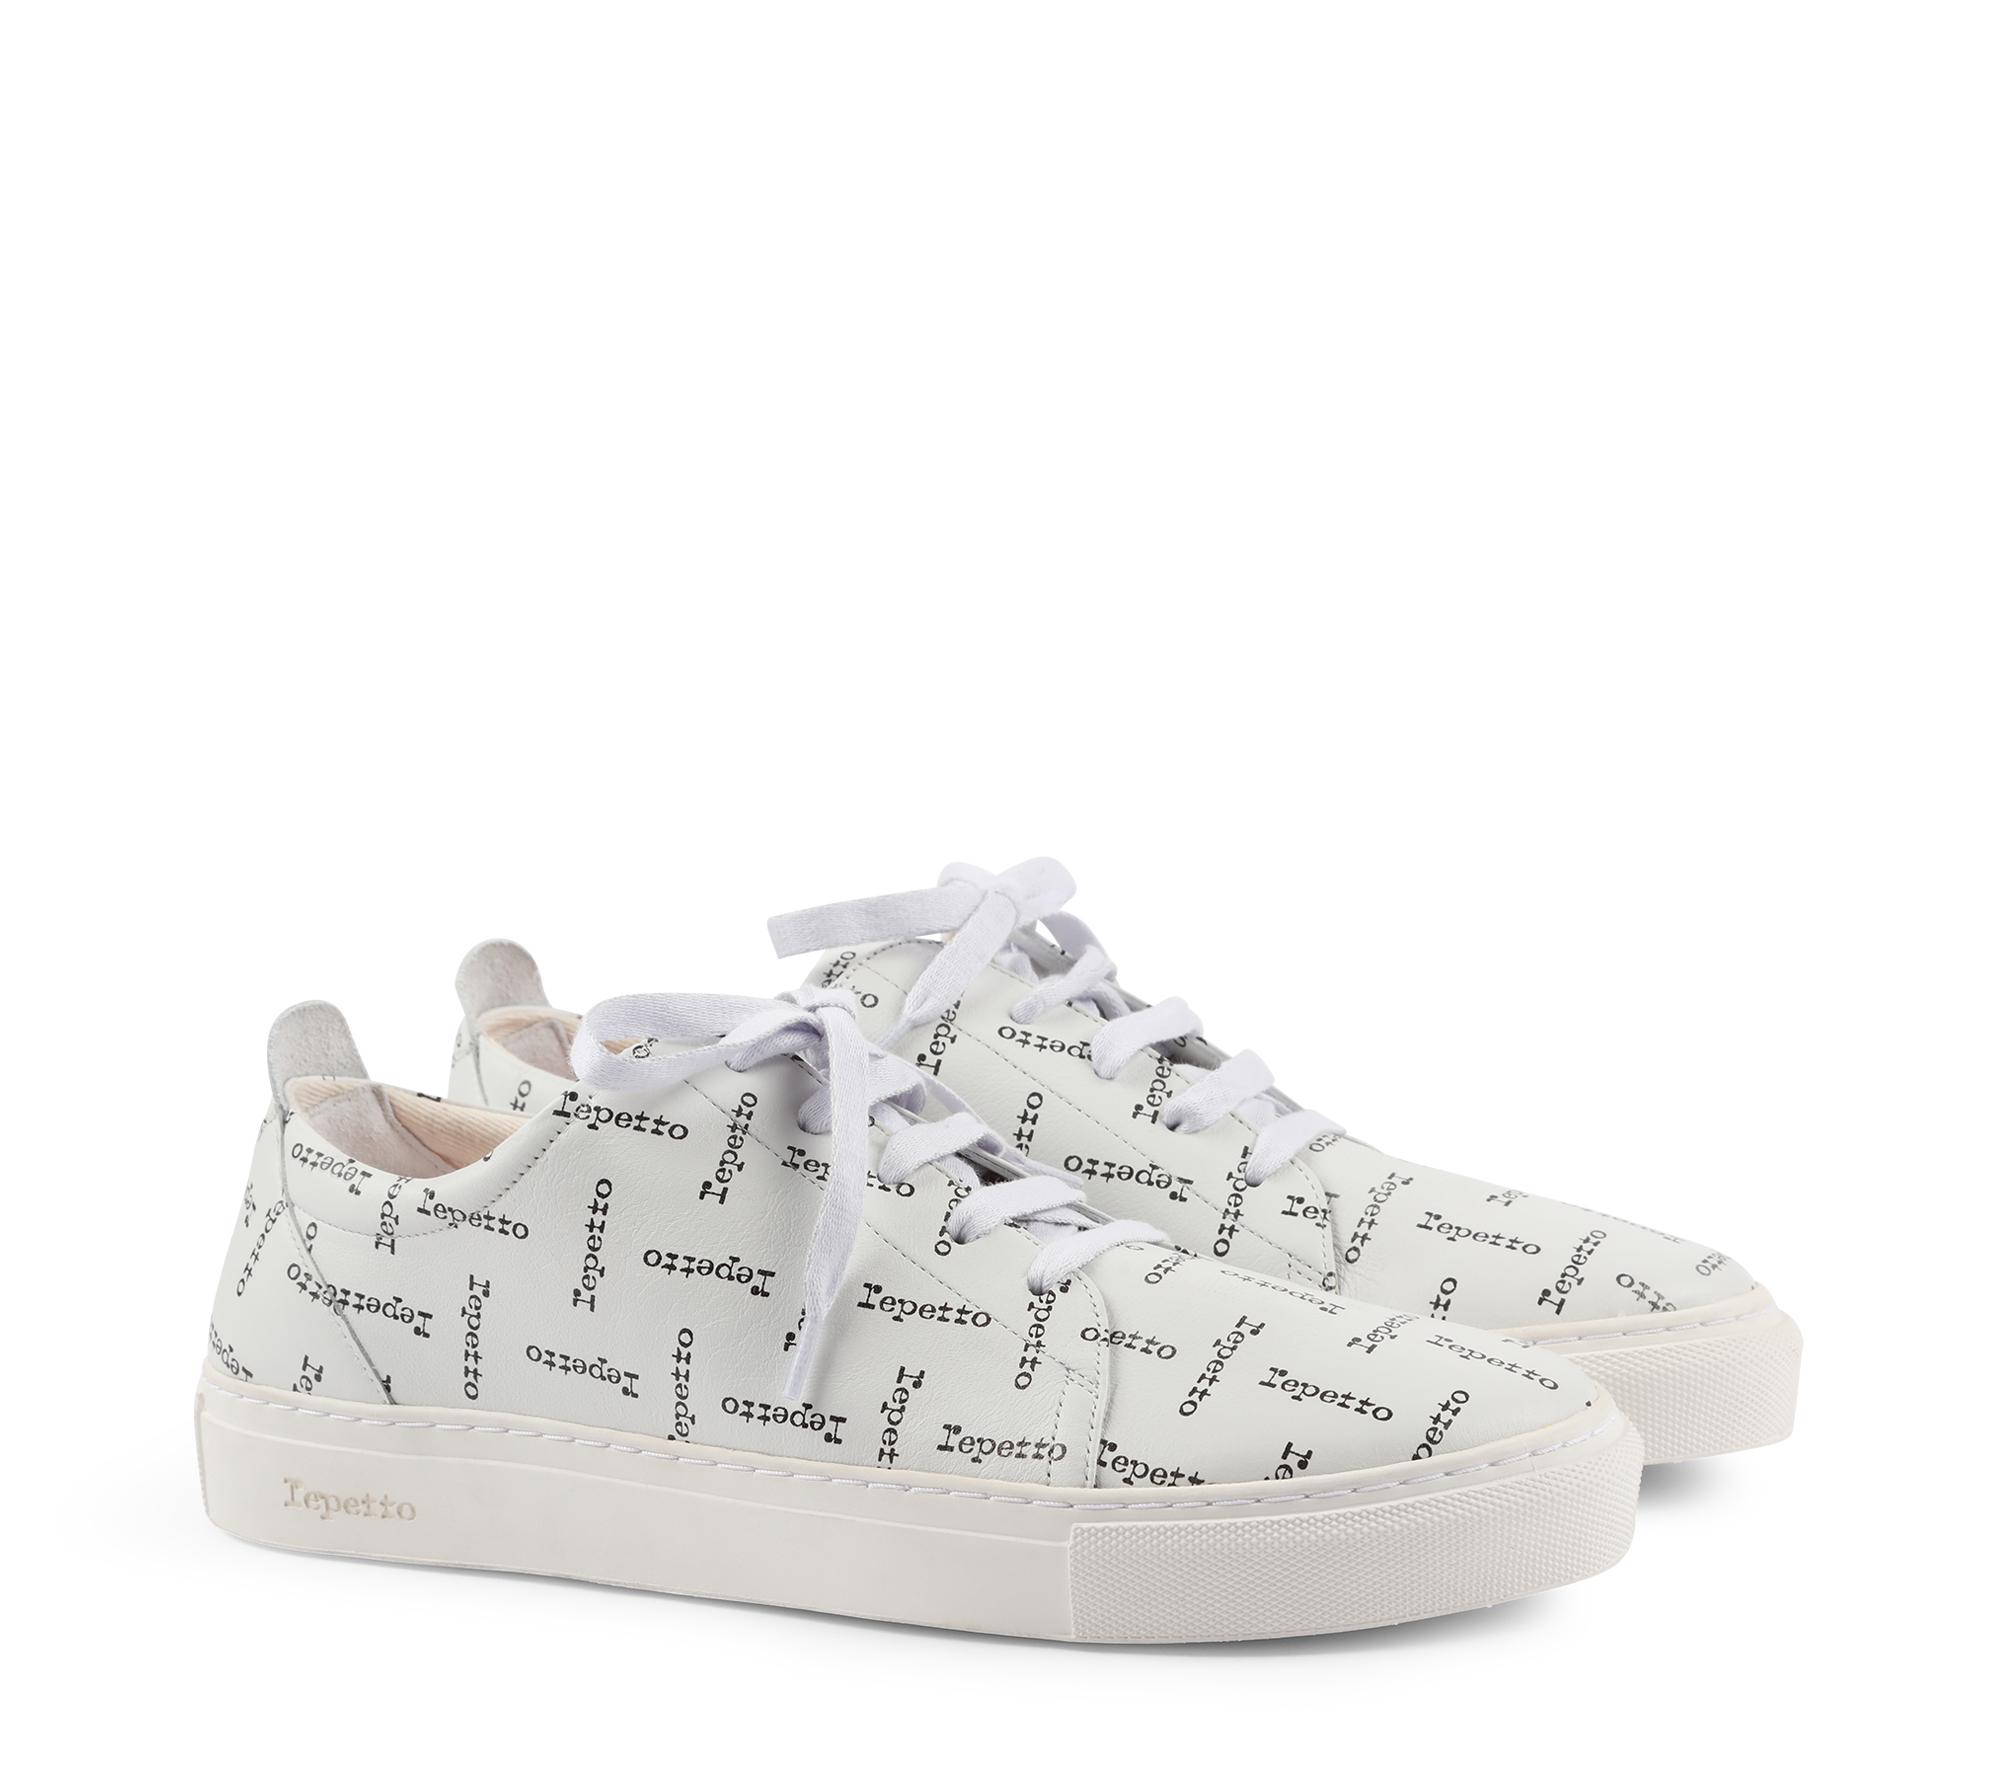 Fanfan - Homme Sneakers